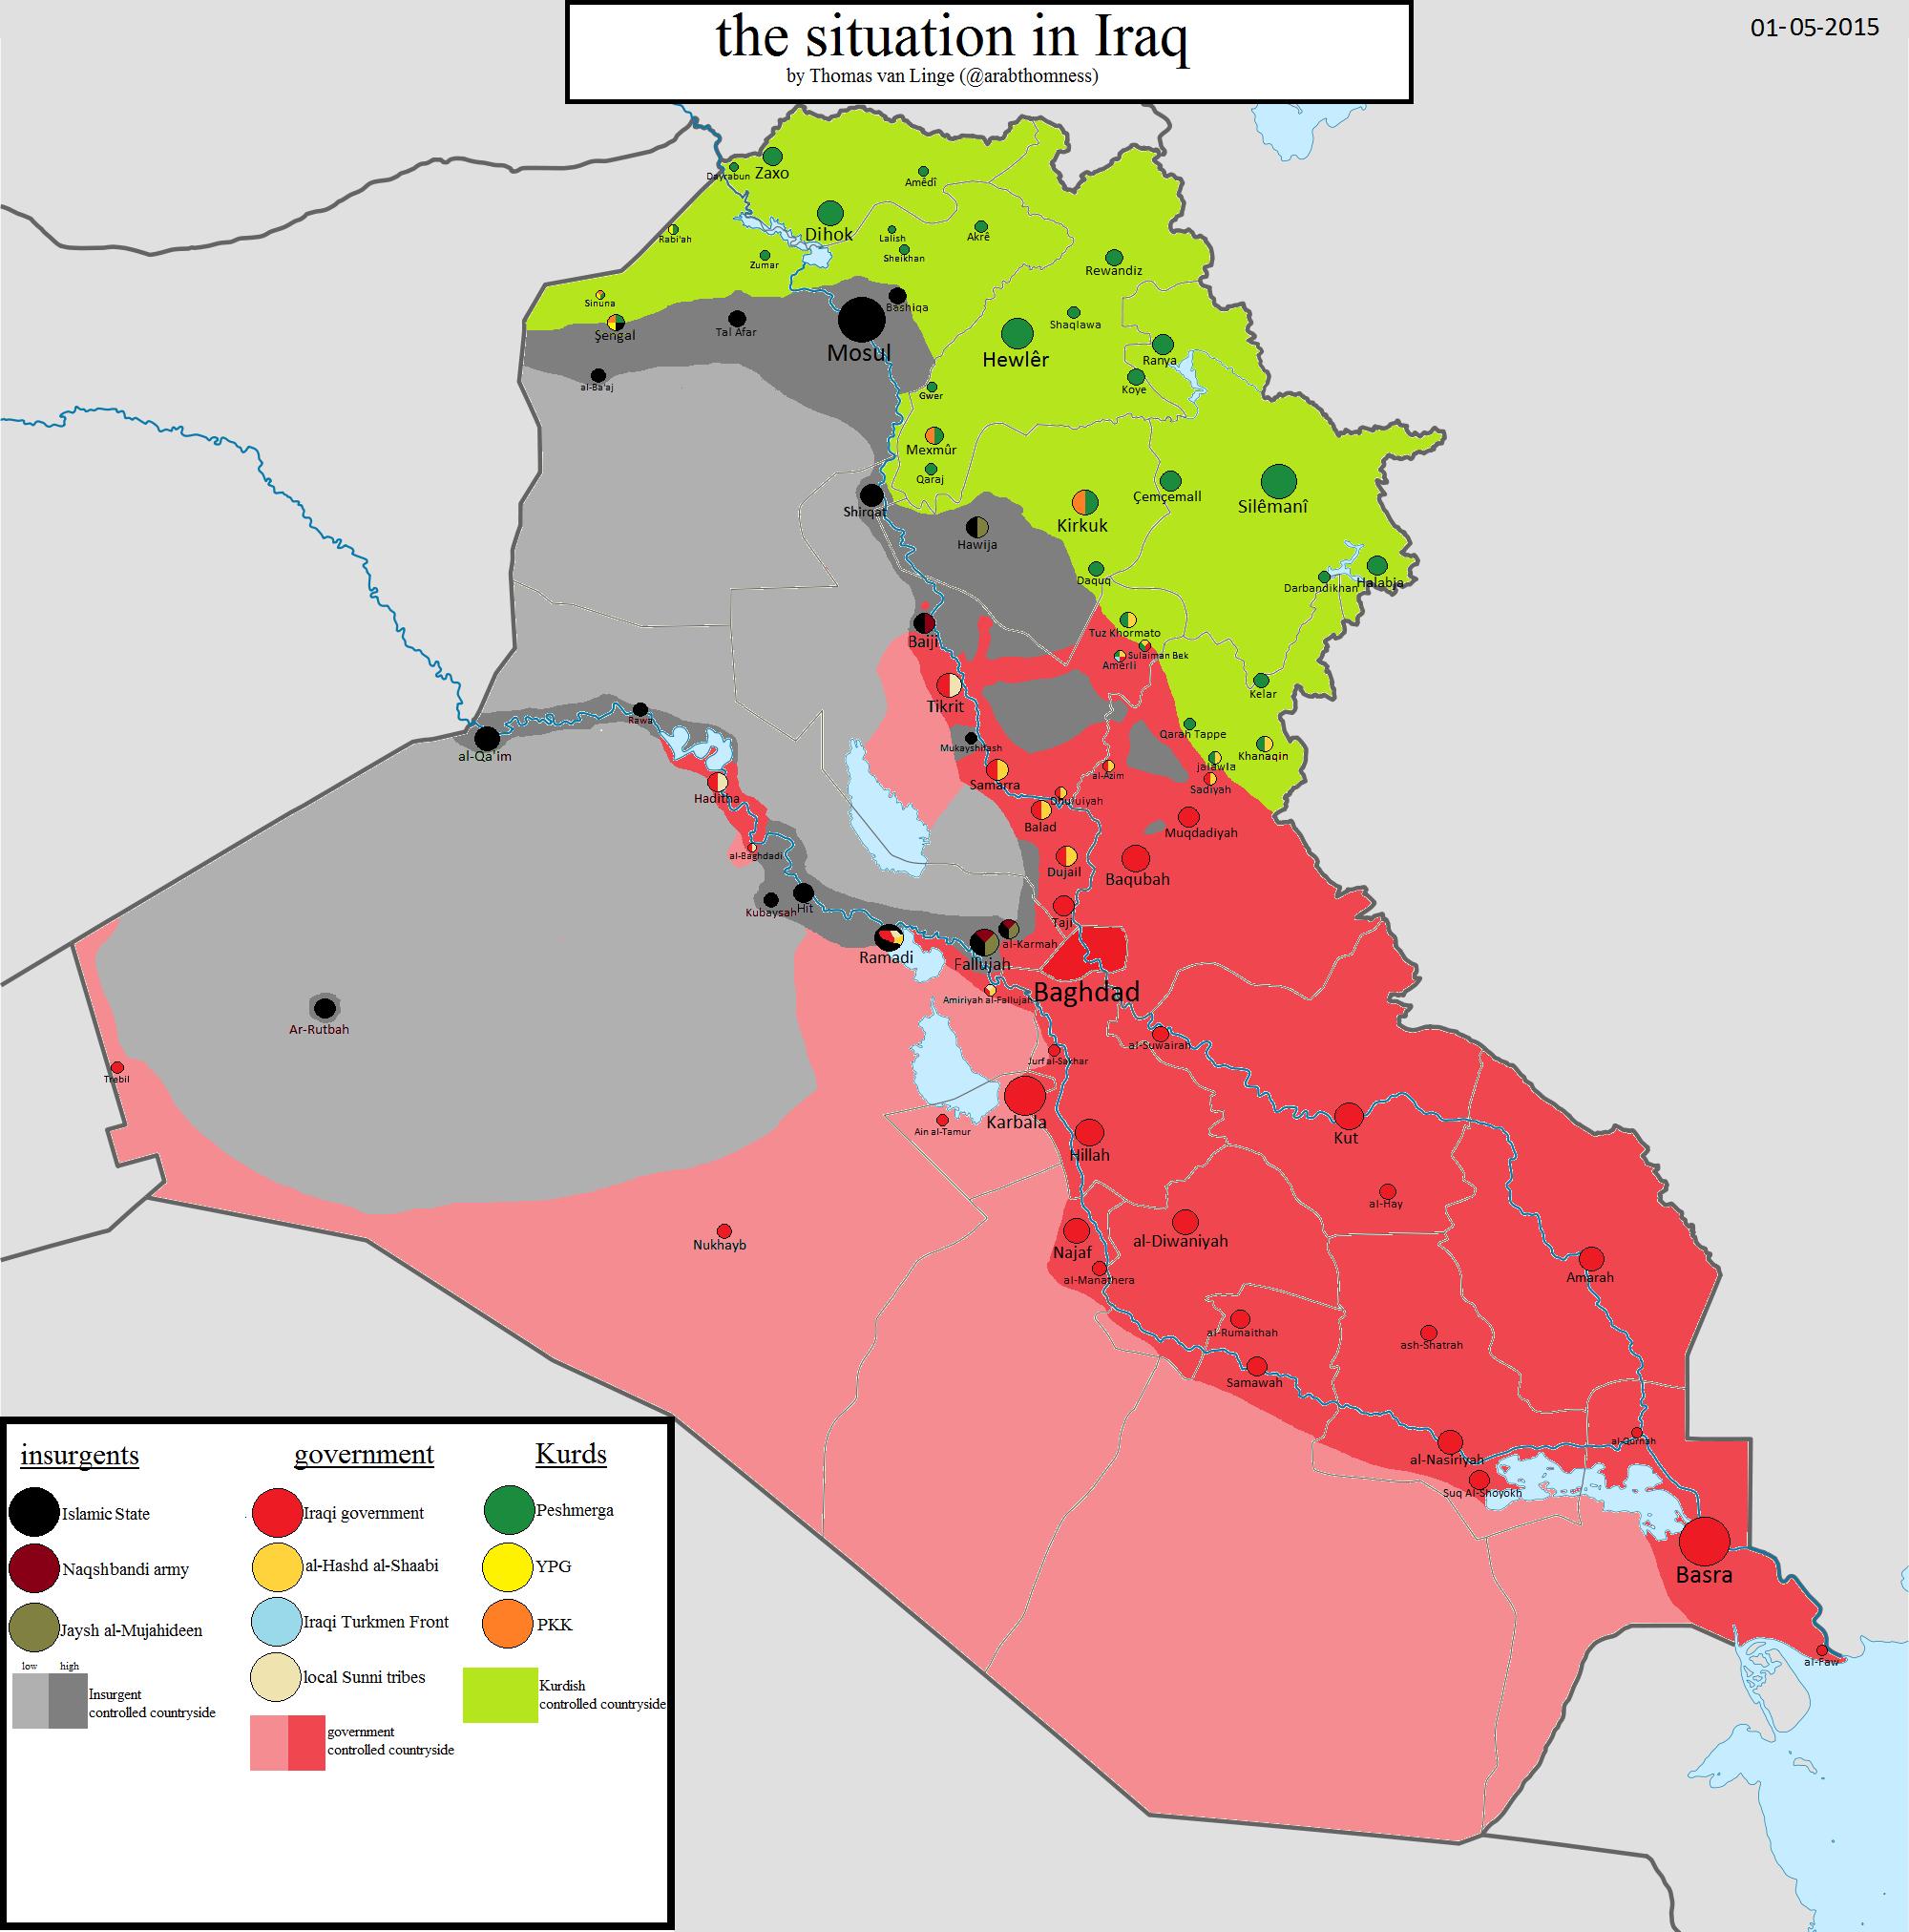 Iraq may 1 2015 | Syria Iraq | Pinterest